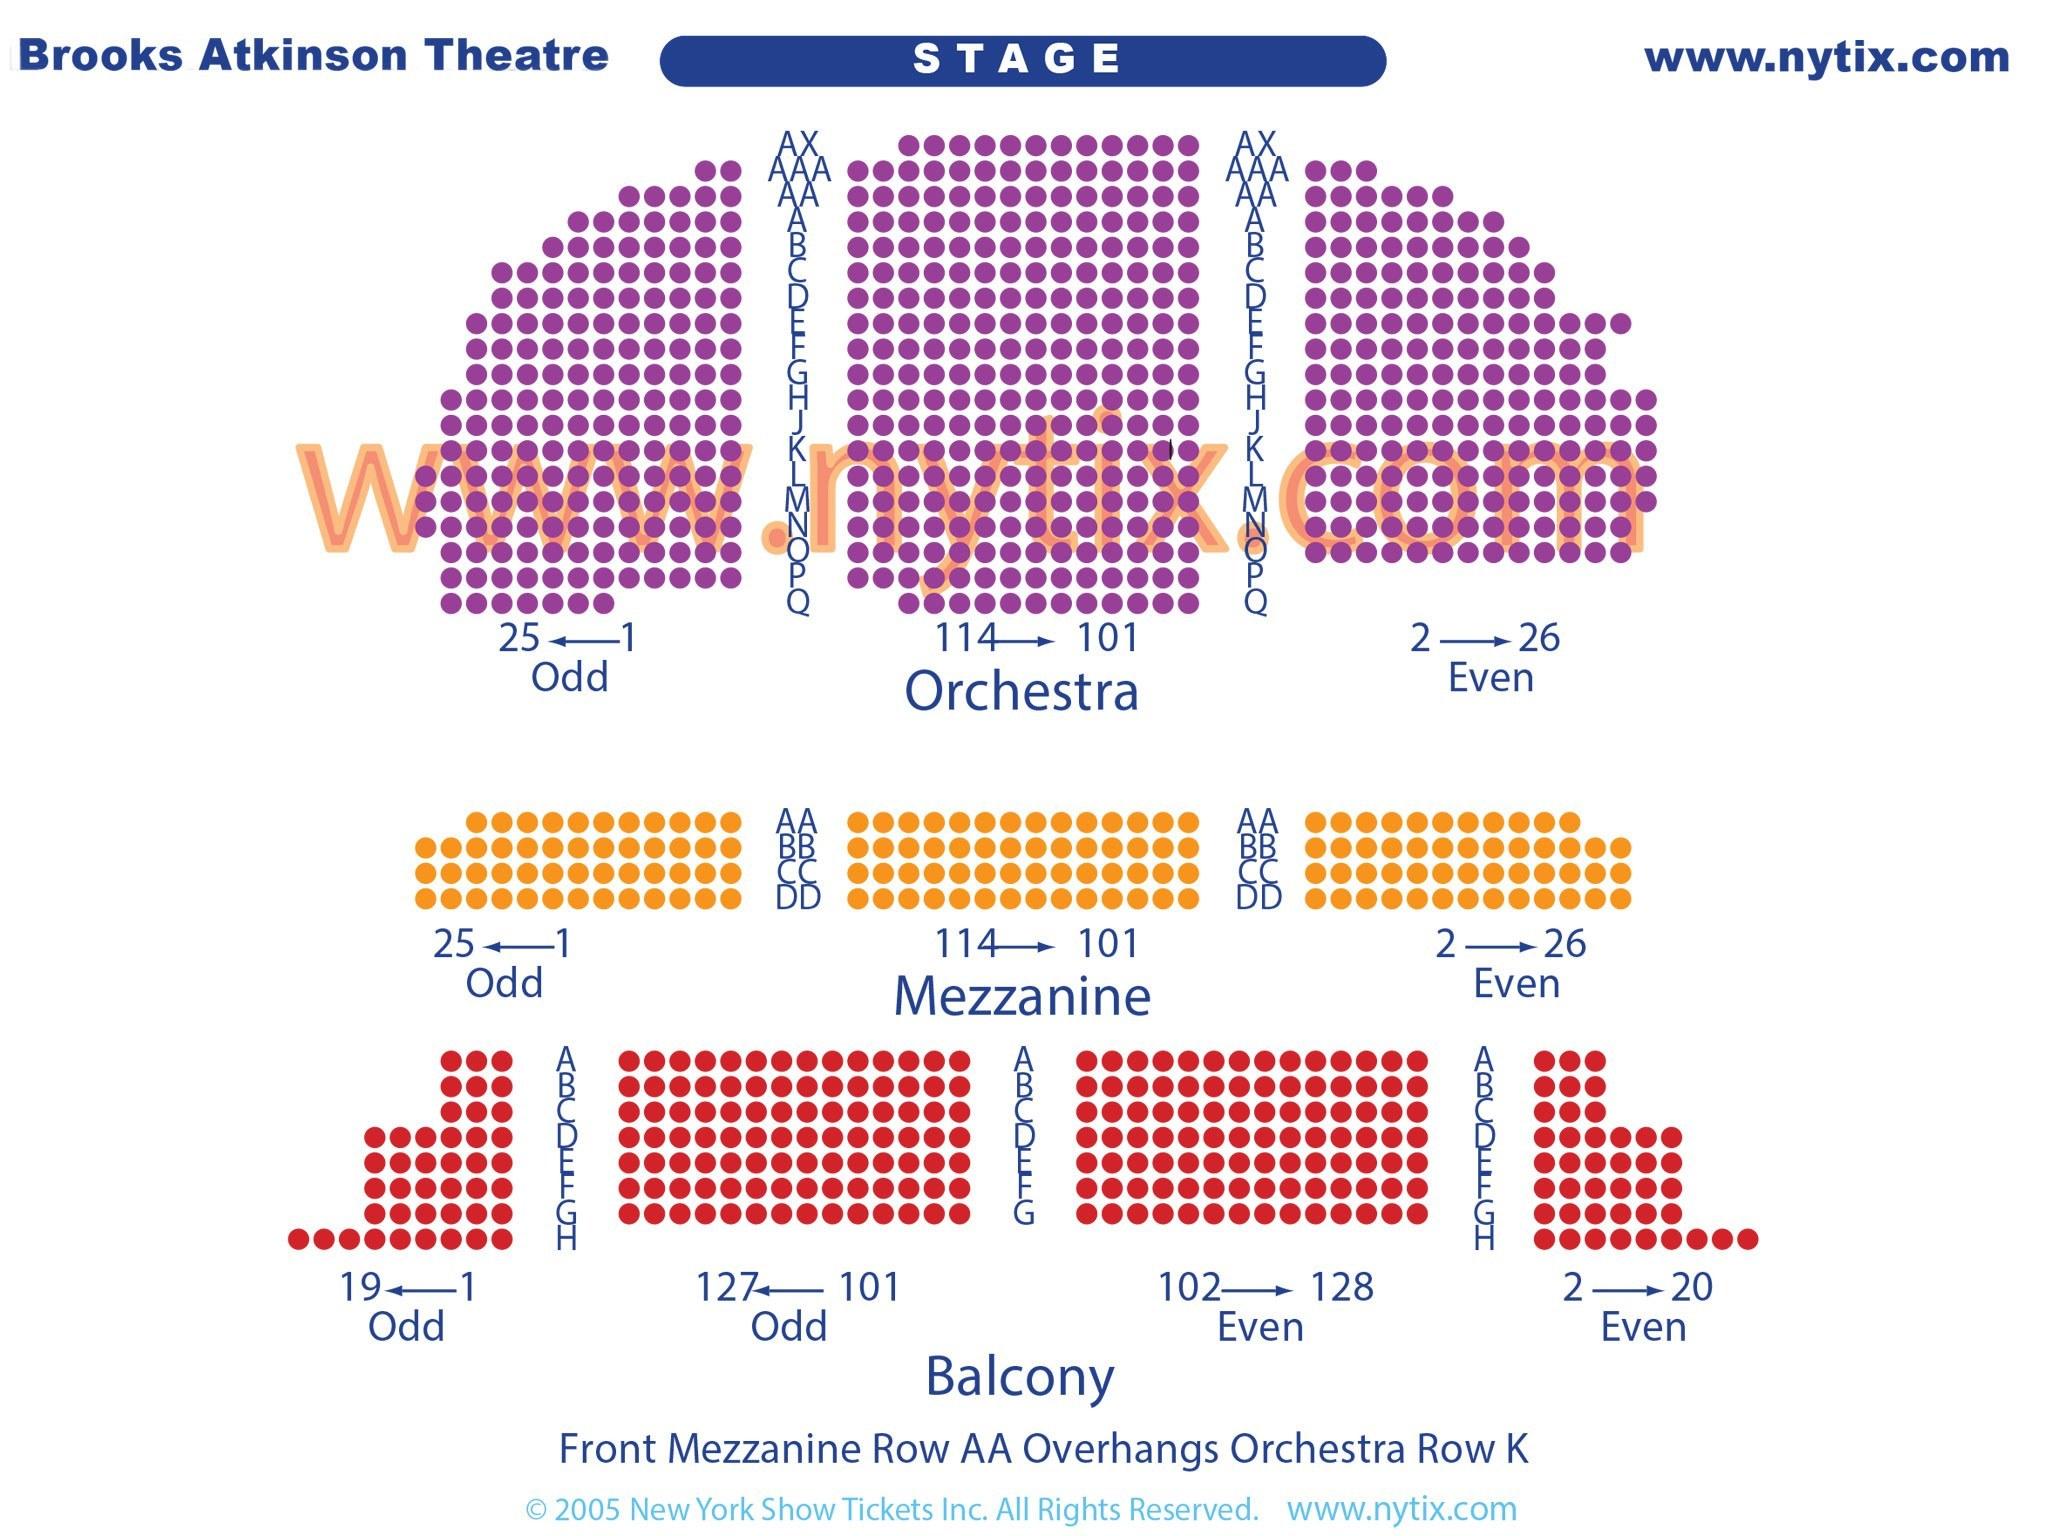 Brooks Atkinson Seating Chart